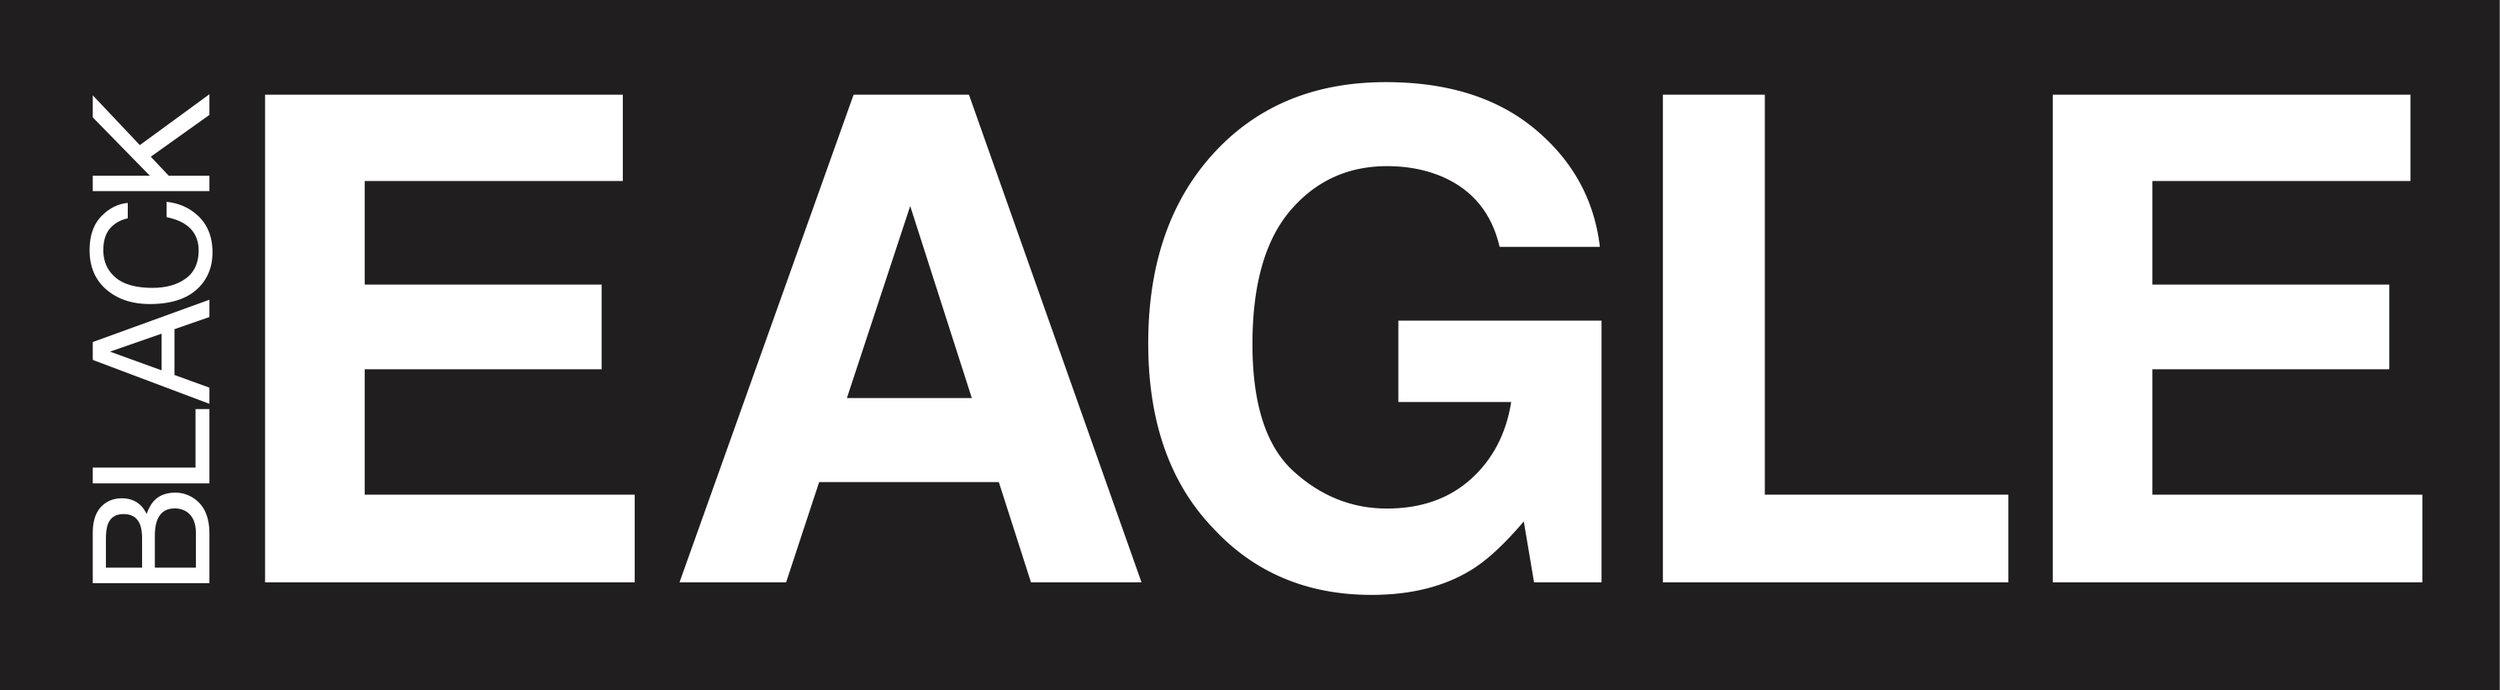 BlackEagleLogo (jpeg) (jul 15).jpg